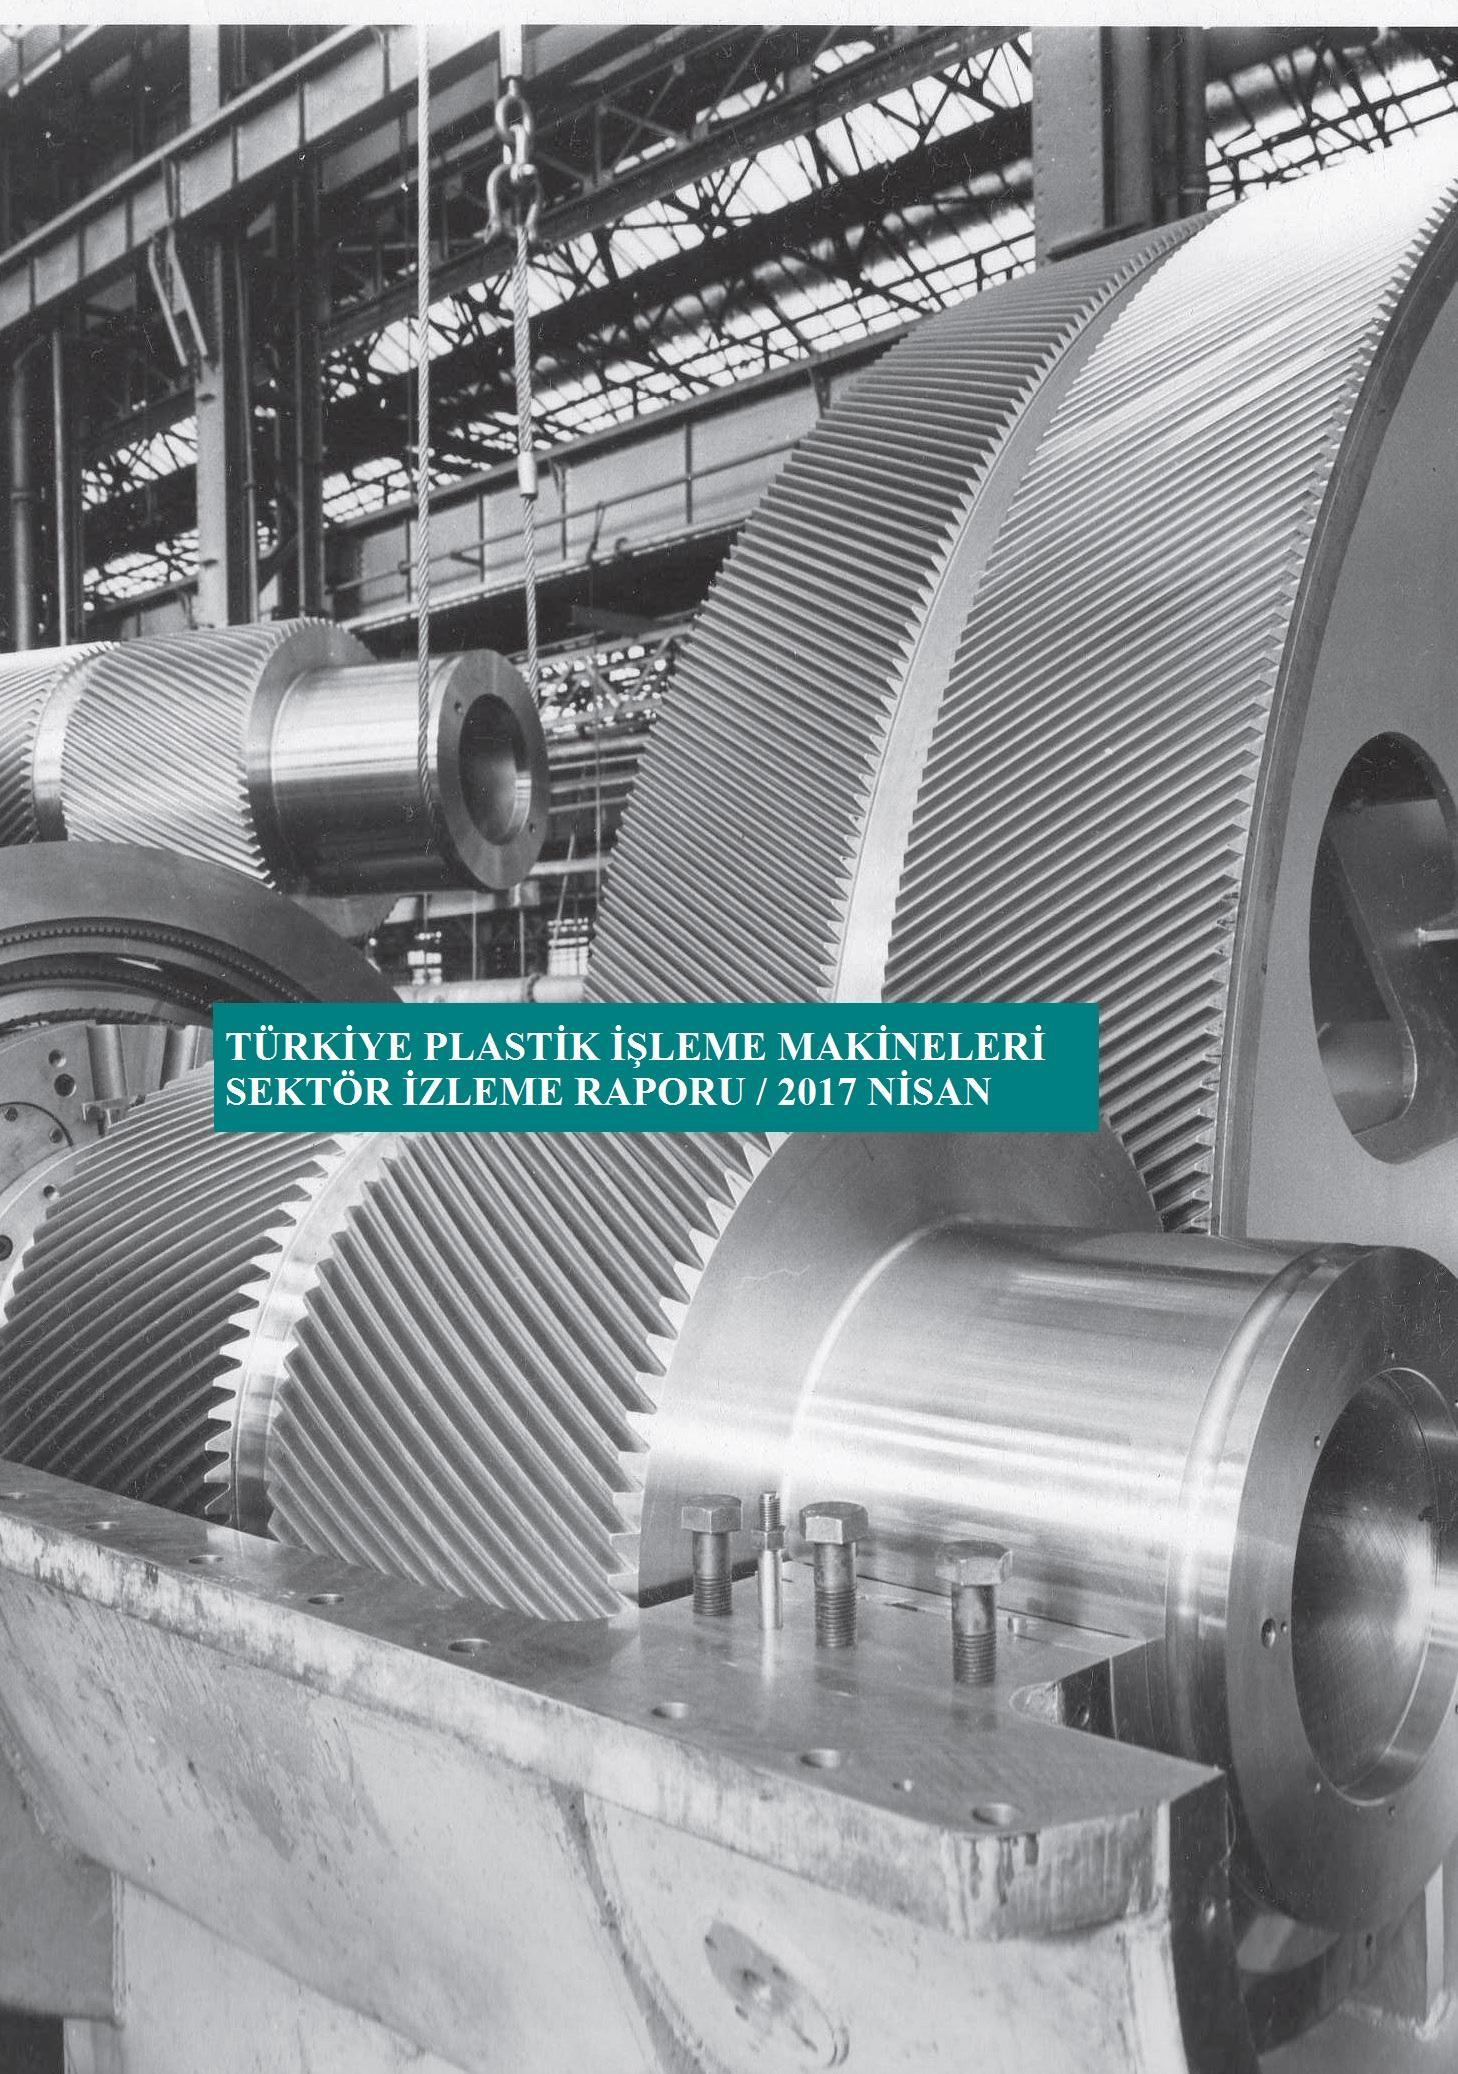 Türkiye Plastik İşleme Makinaları Sektör İzleme Raporu / 2017 Şubat